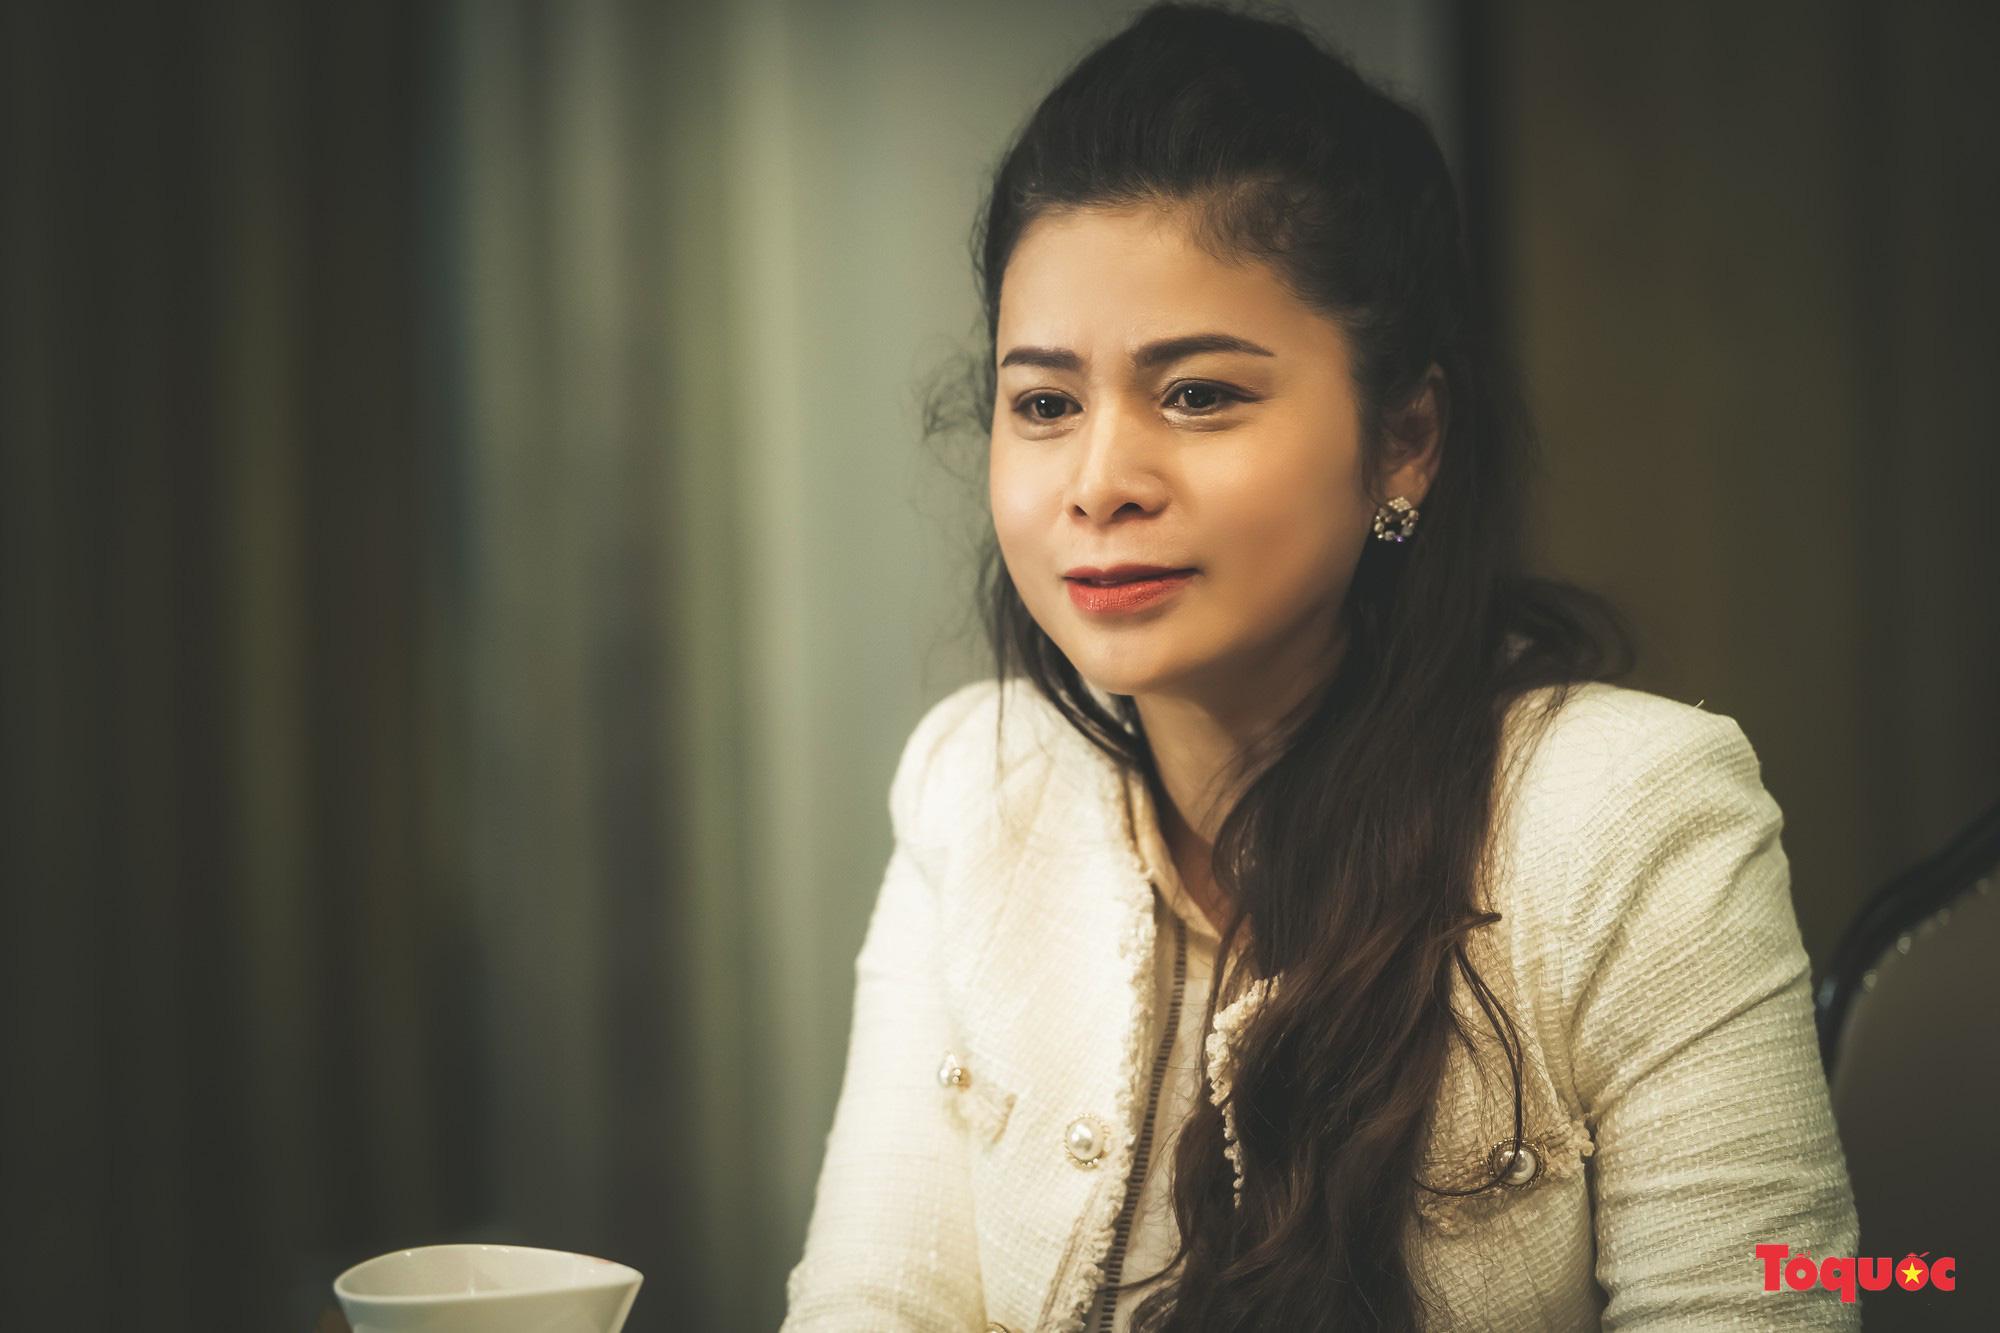 Bà Lê Hoàng Diệp Thảo: Tôi không muốn ly hôn - Ảnh 8.